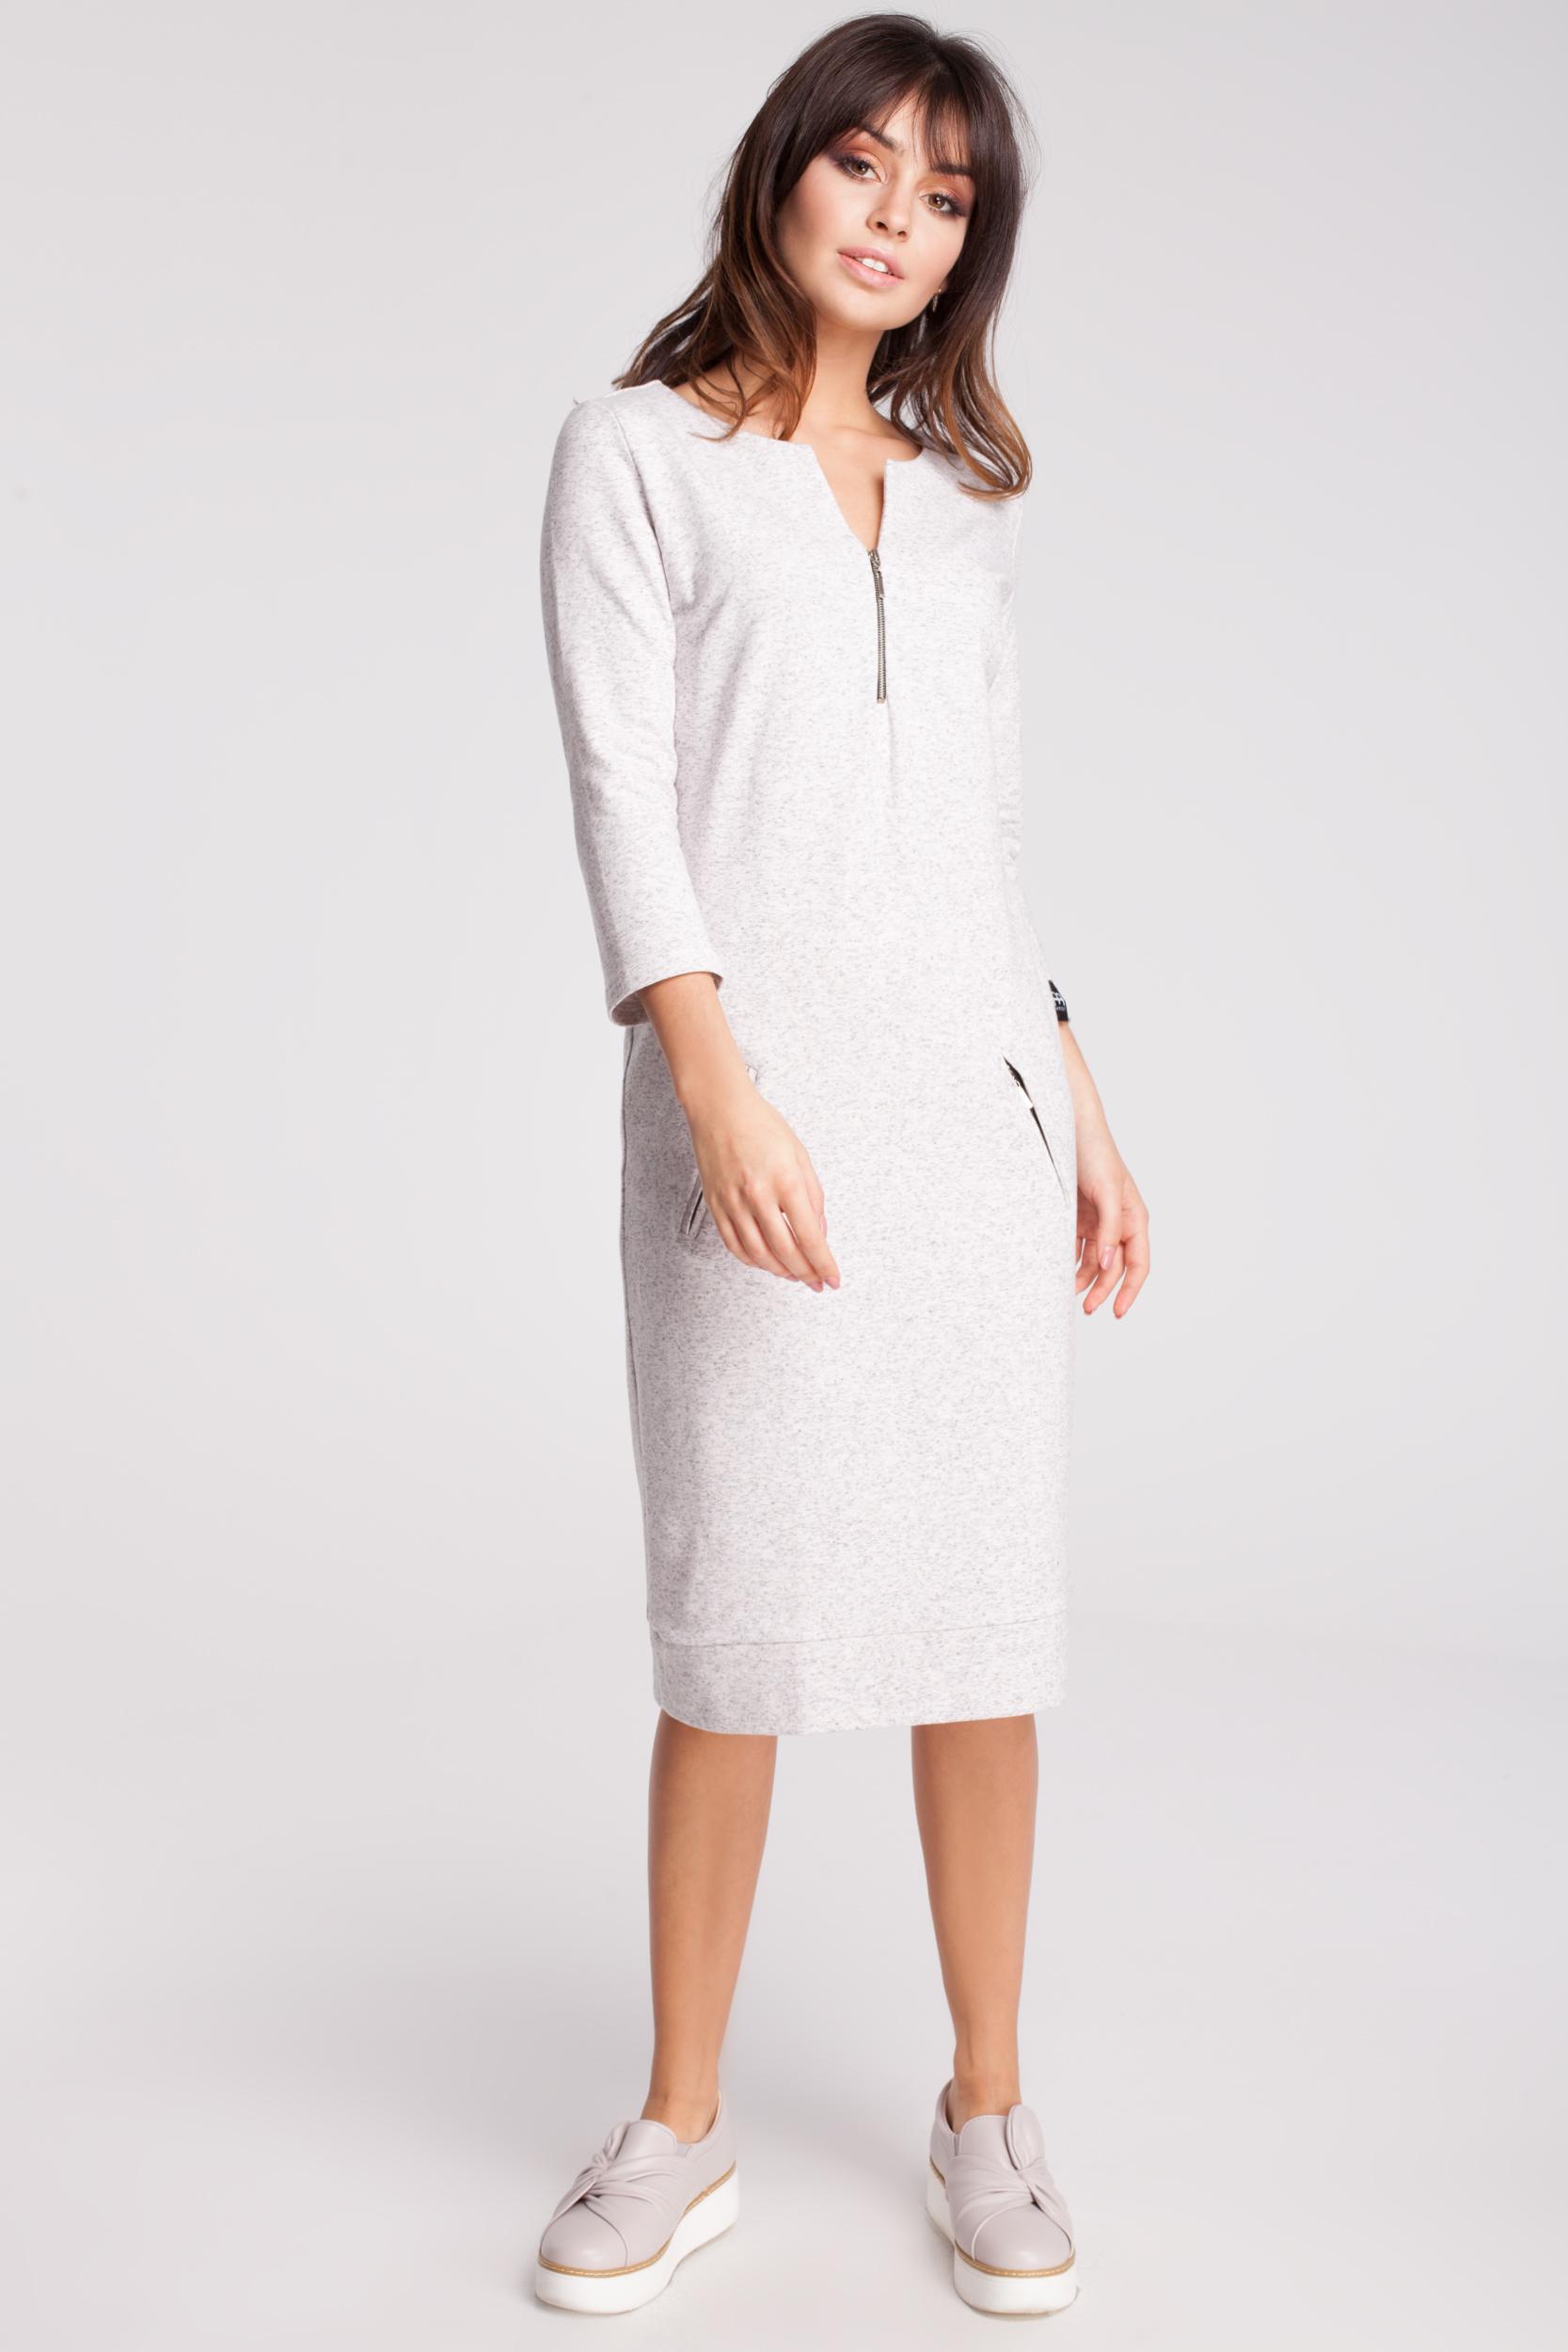 CM2870 Dresowa sukienka z rękawem 3/4 - stracciatella